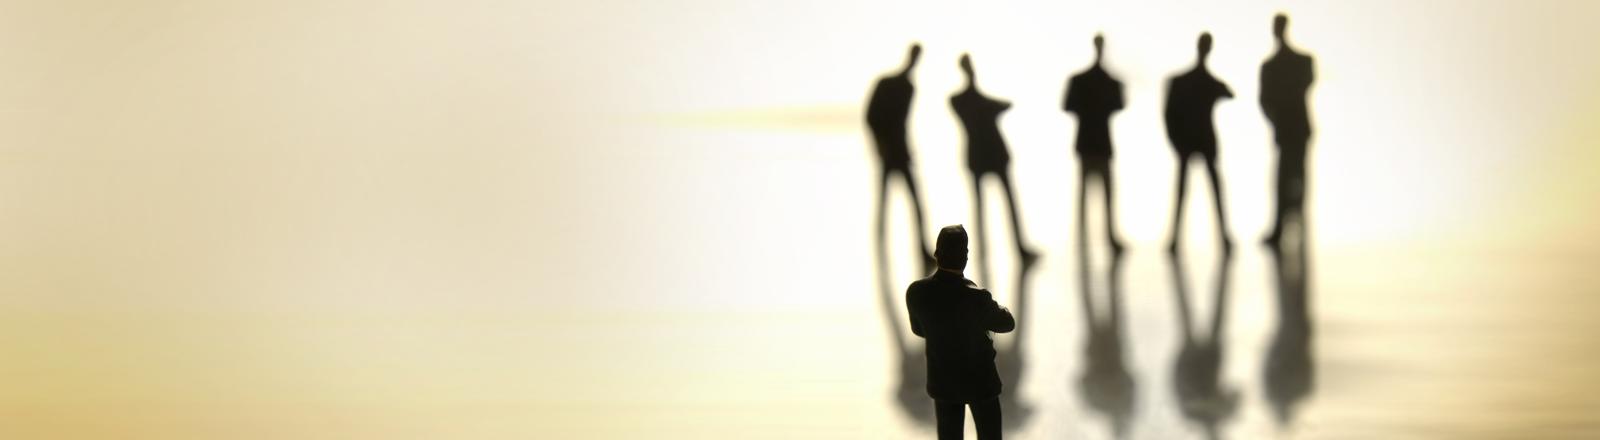 Ein Mann beobachtet eine Gruppe anderer Männer